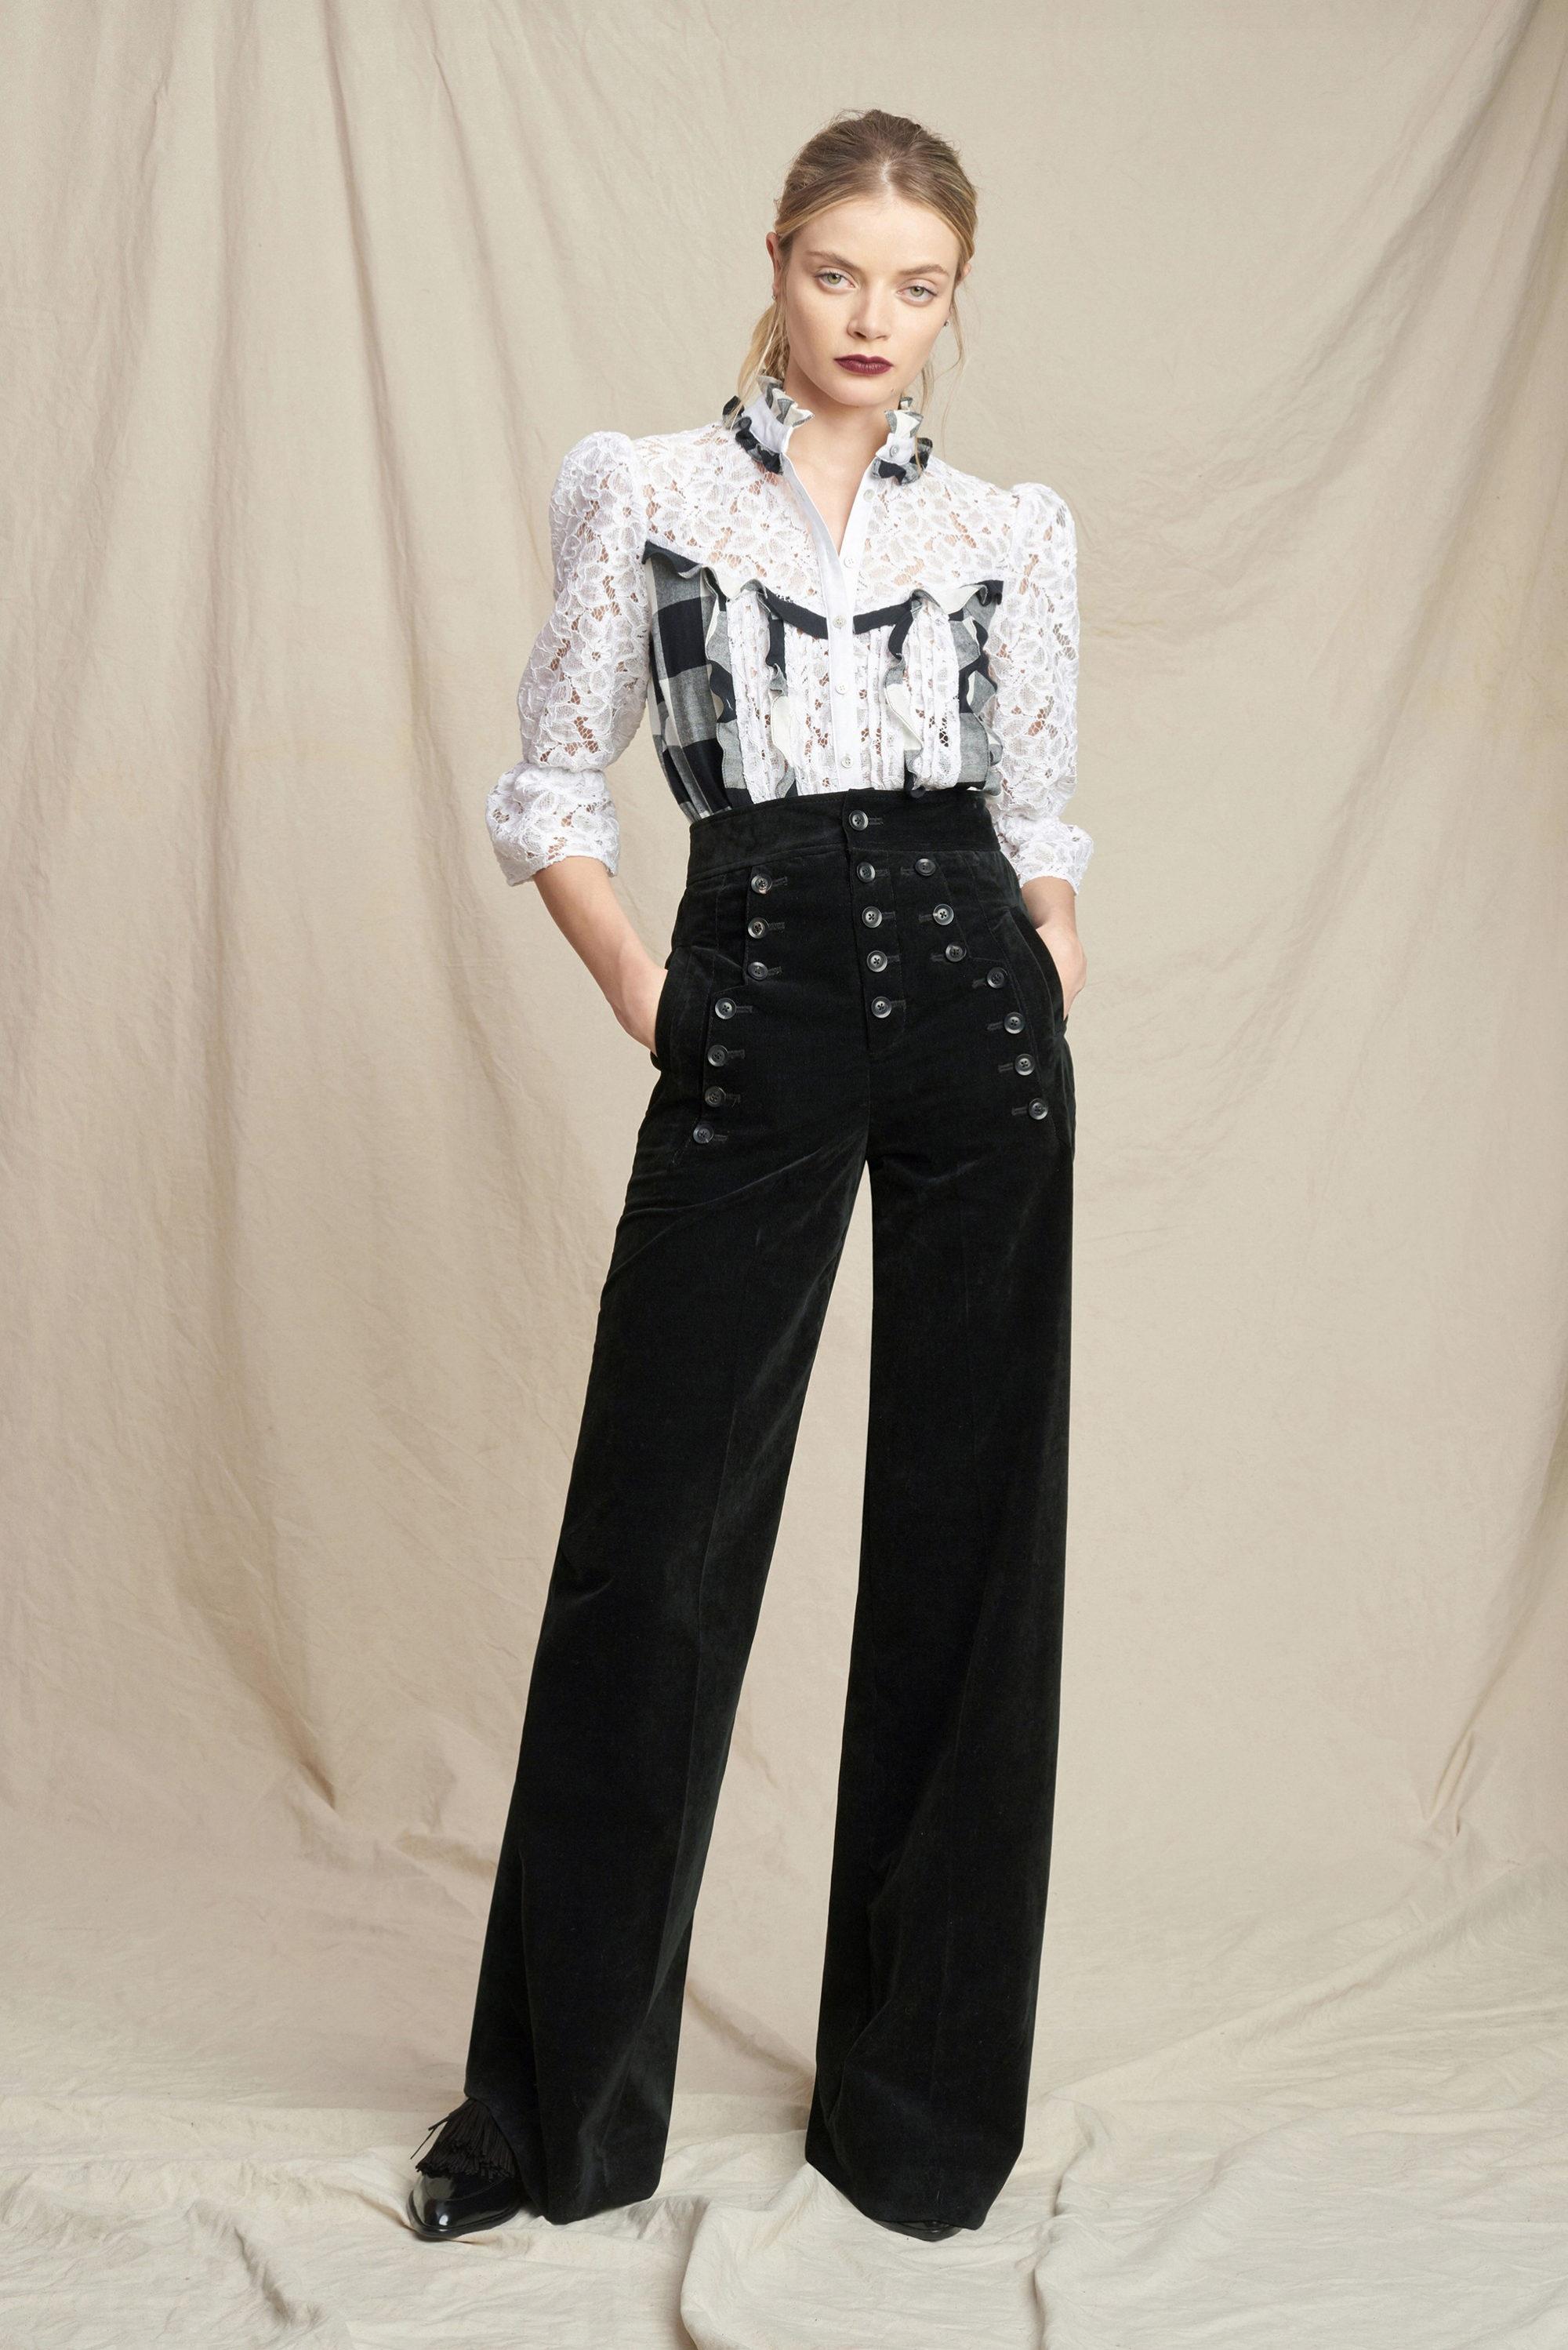 Marissa Webb модная кружевная блузка 2019 бело-черного цвета